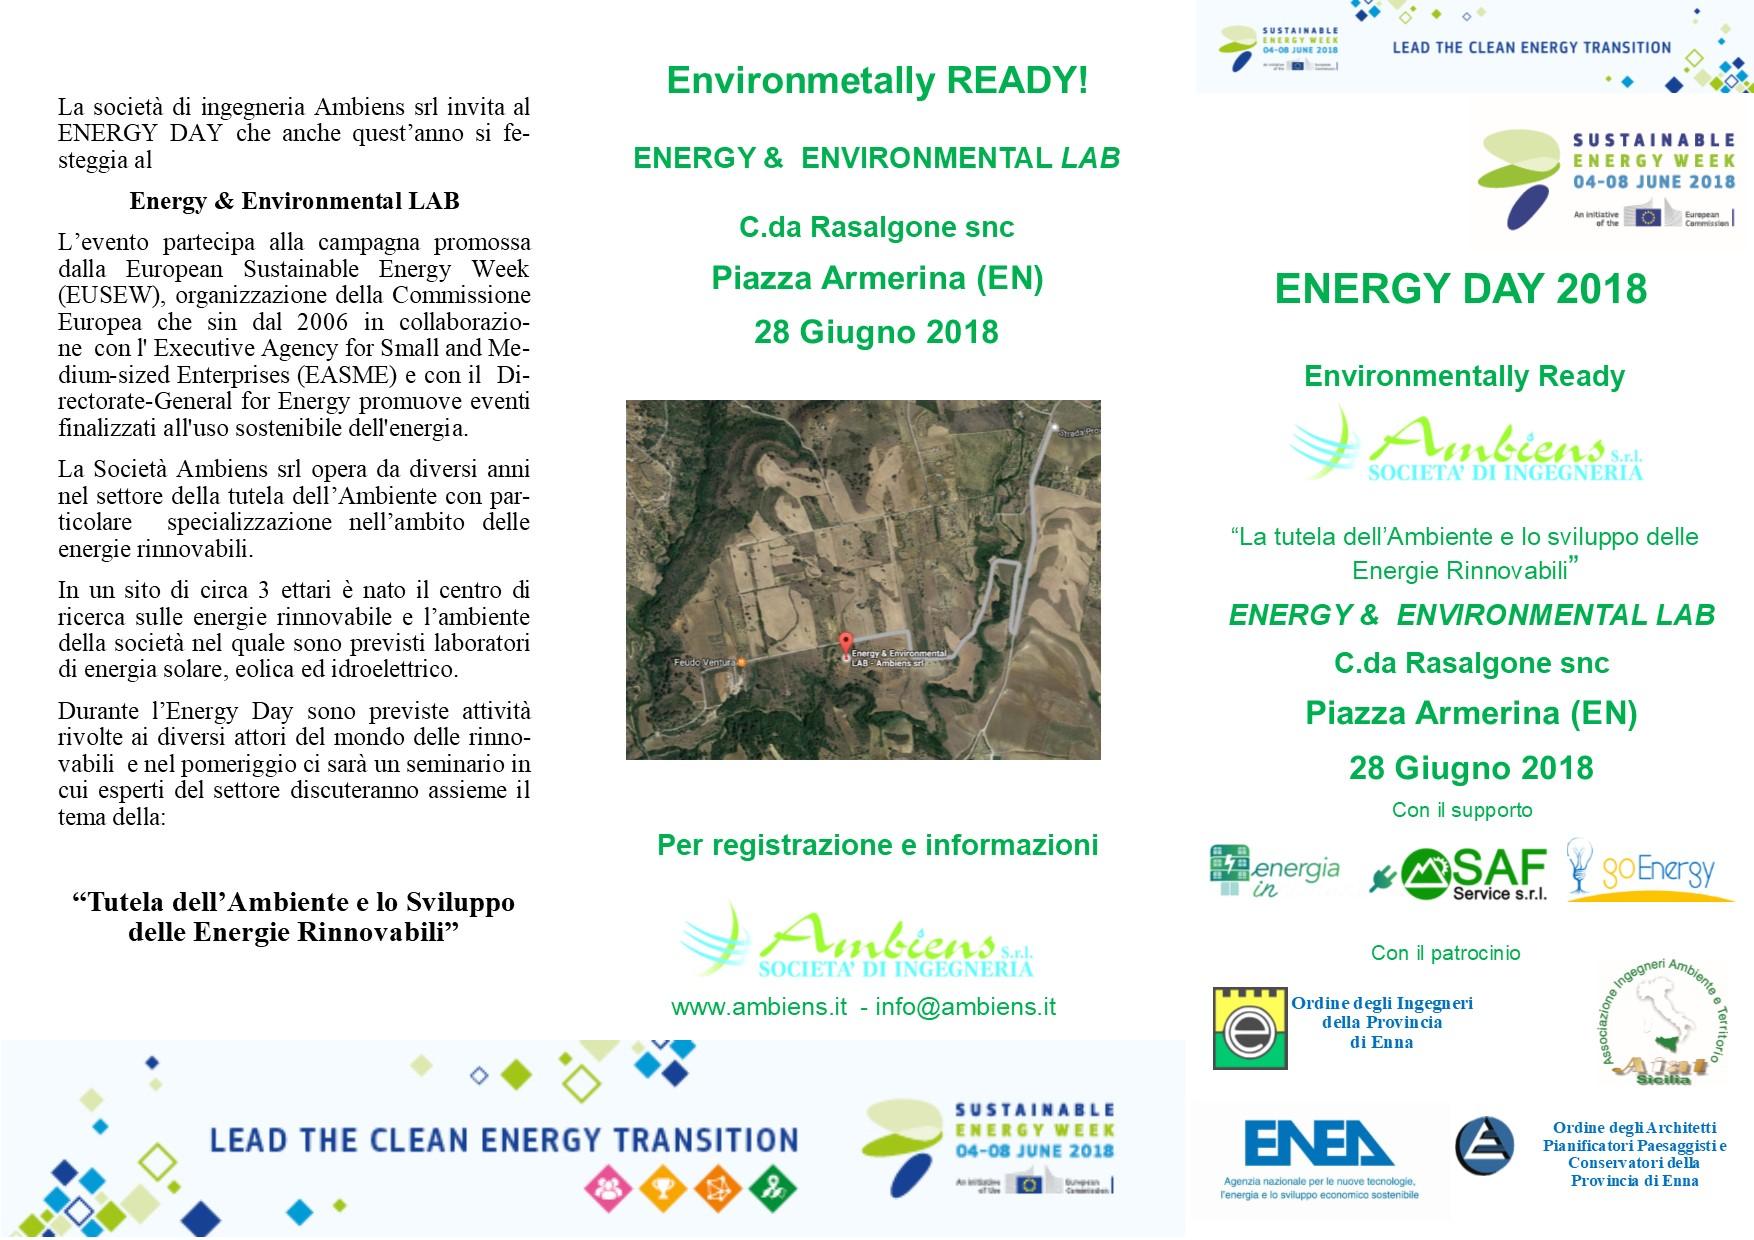 locandina energy day 2018 immagine